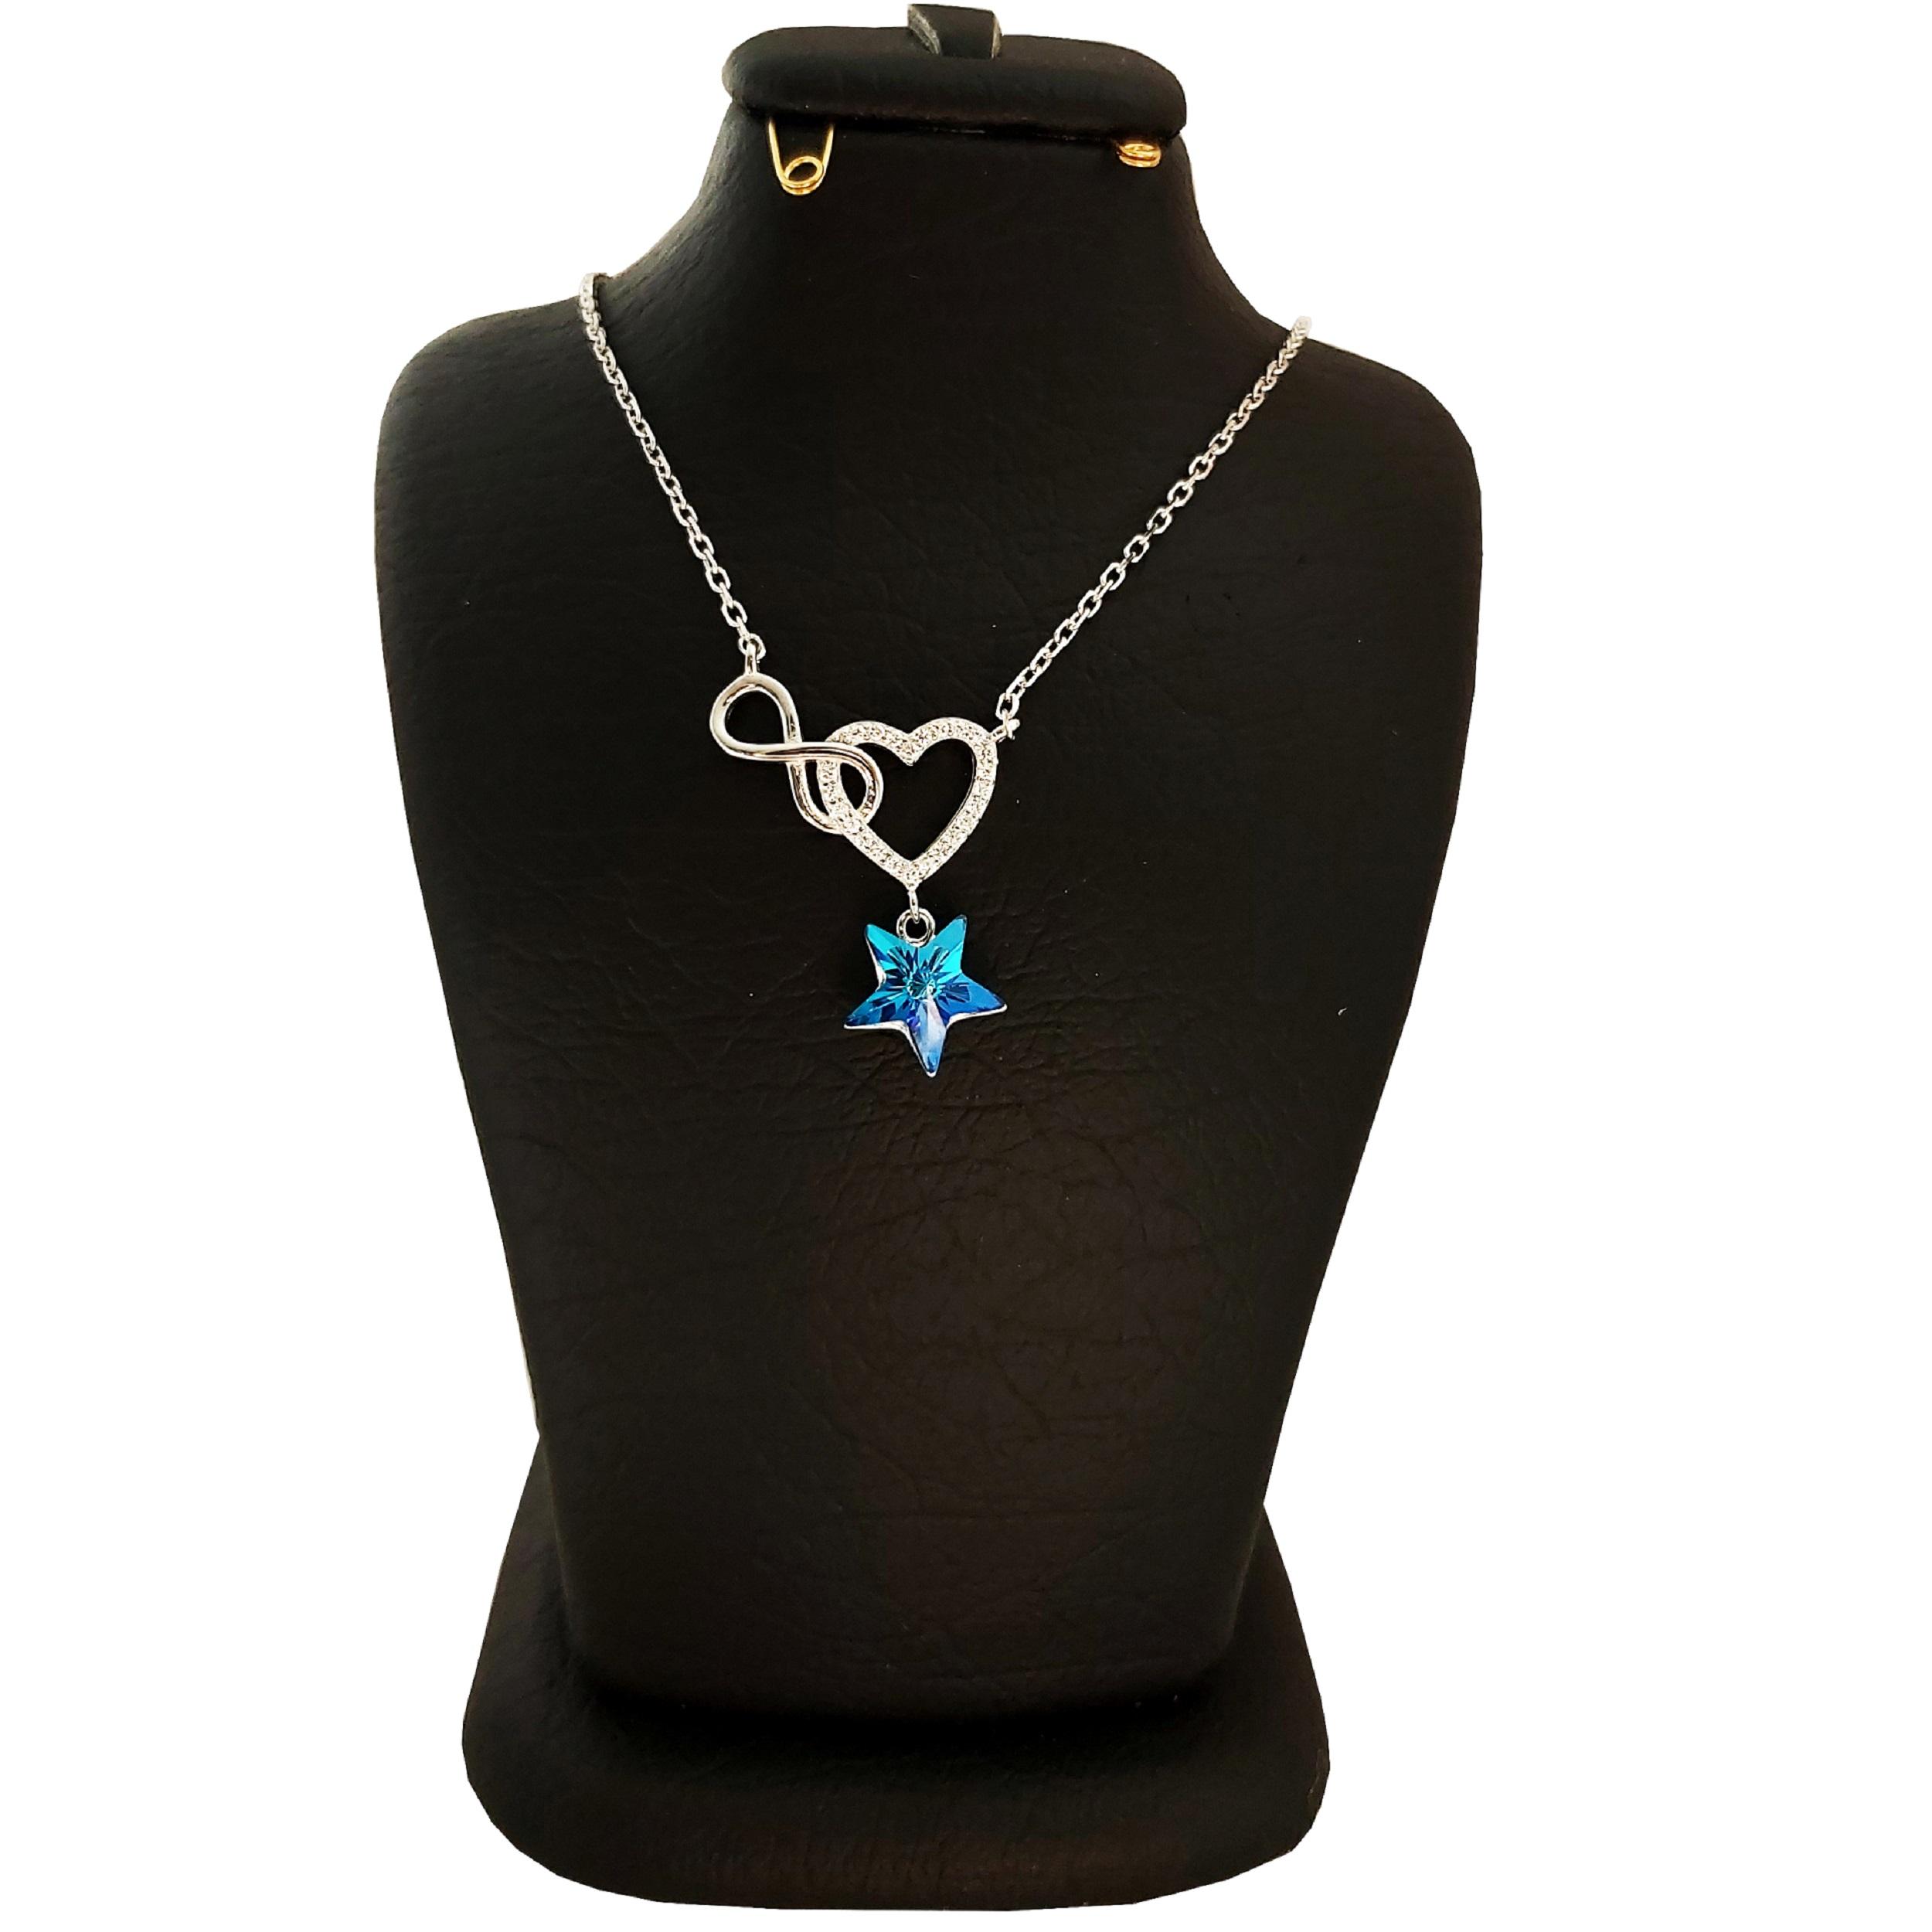 خرید                                      گردنبند نقره زنانه سواروسکی مدل ستاره عشق بی نهایت کد NB